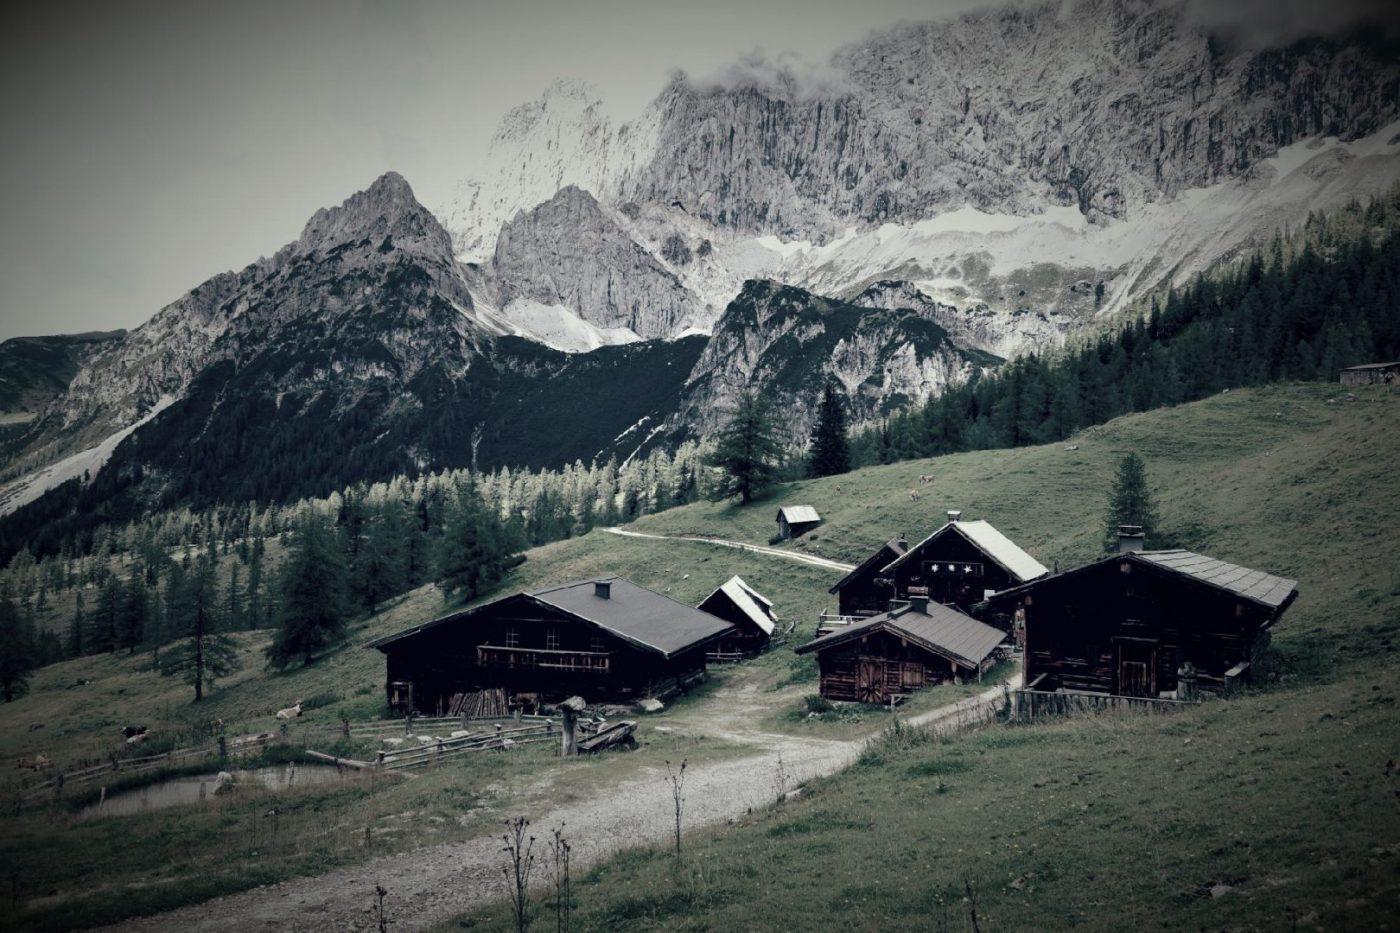 Neustadtalm - von Volker Birmann